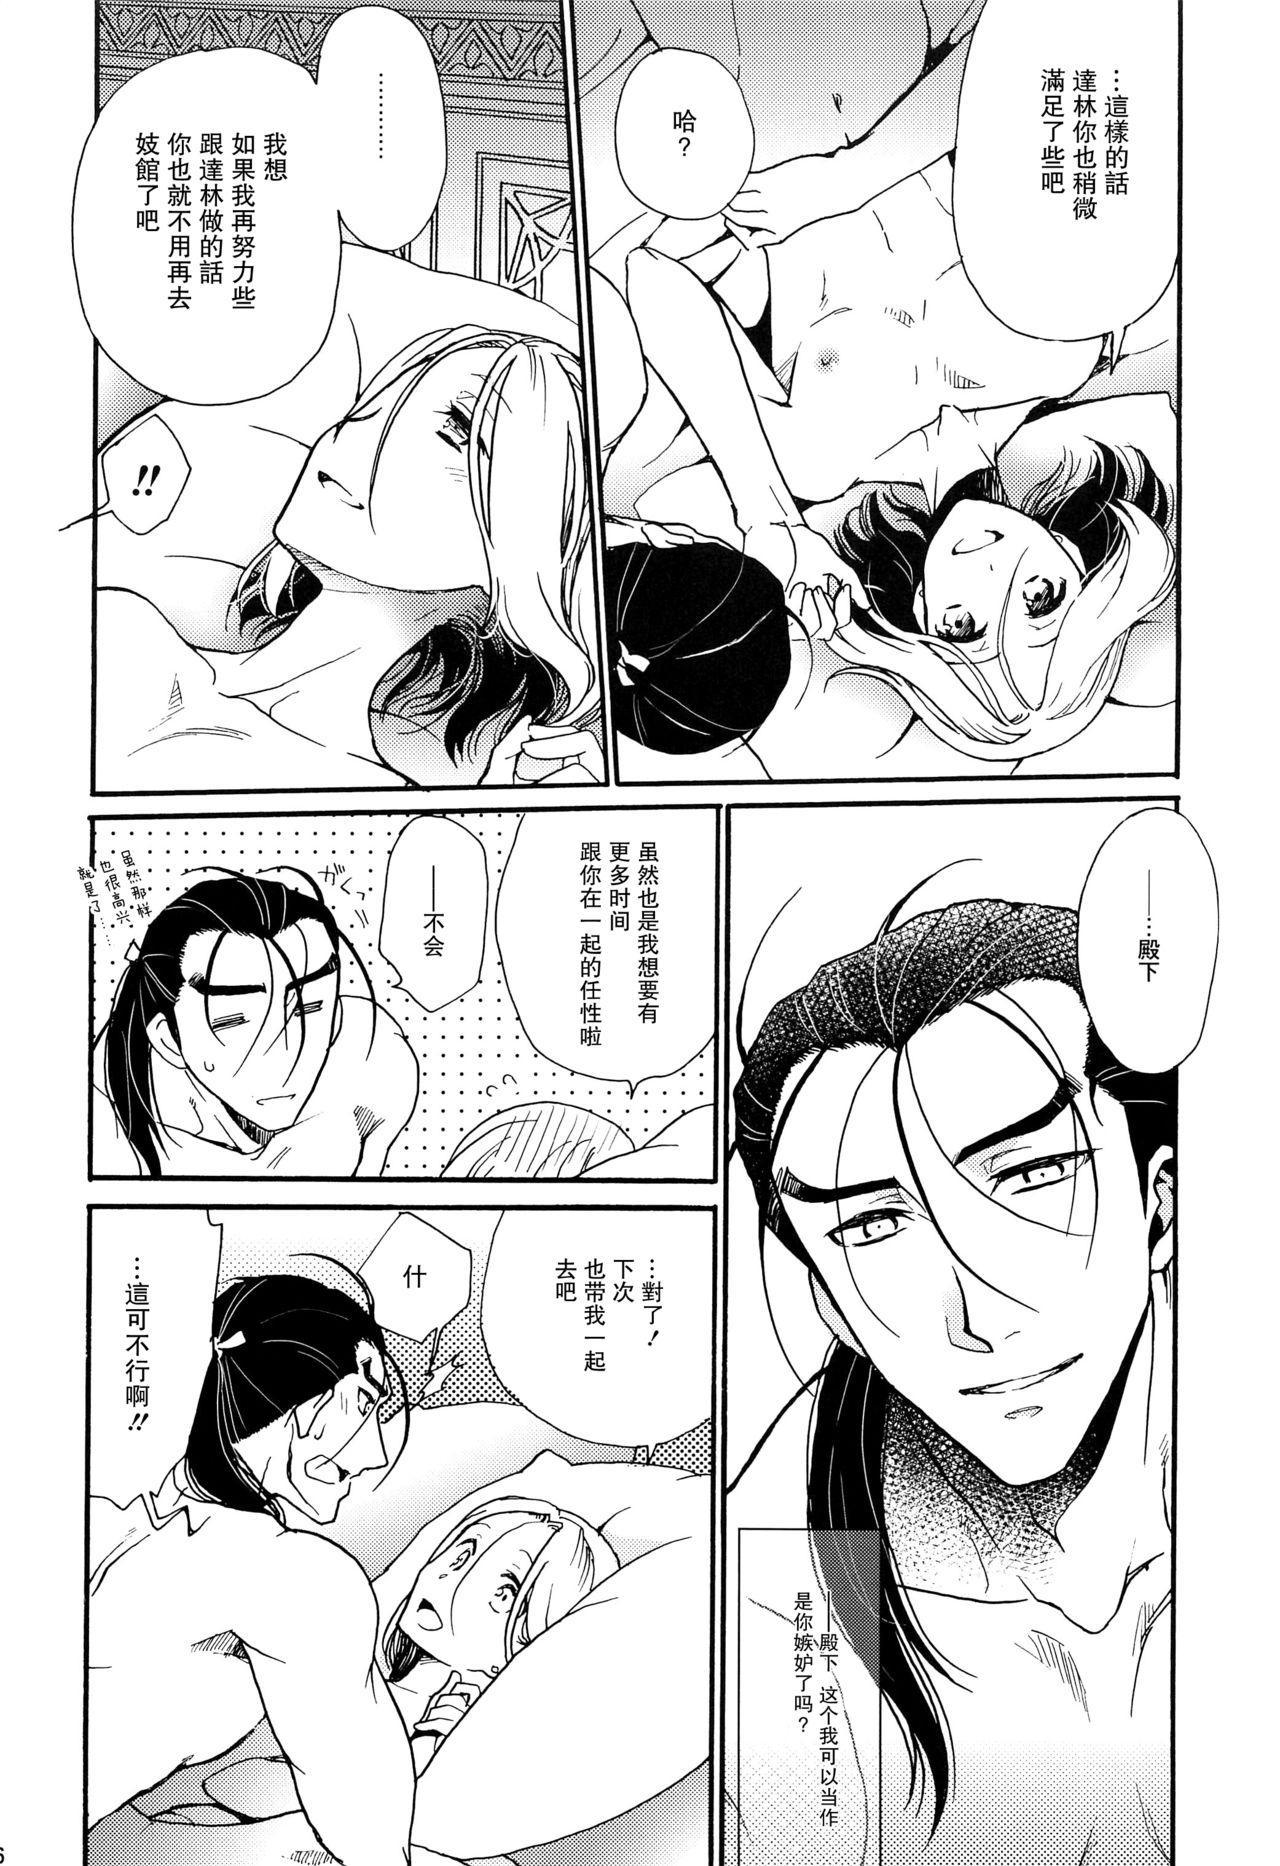 Umi to Biyaku 14